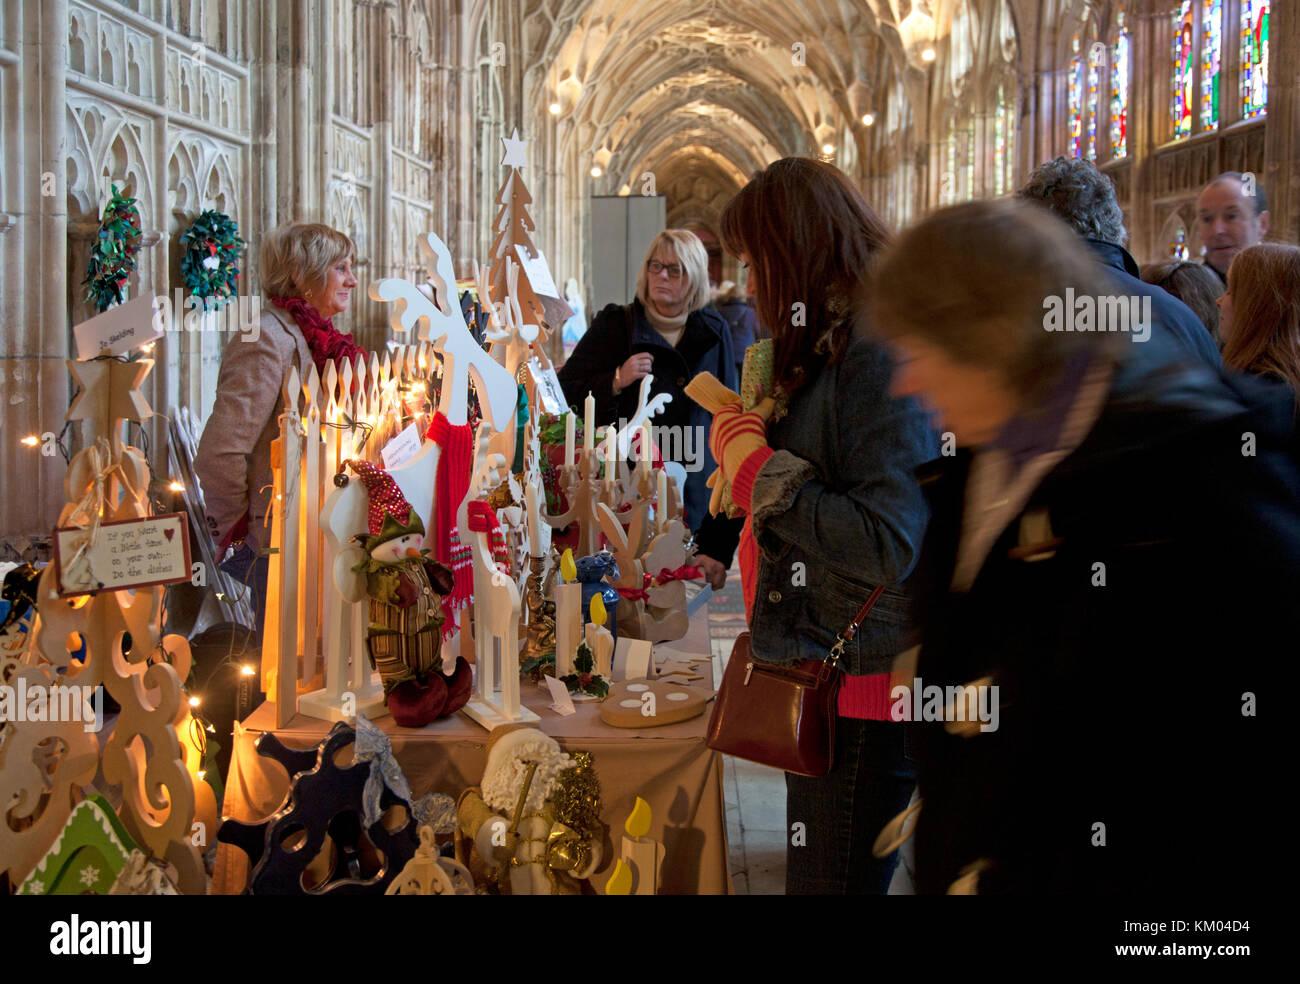 Indoor Christmas Market Stalls In Stockfotos & Indoor Christmas ...